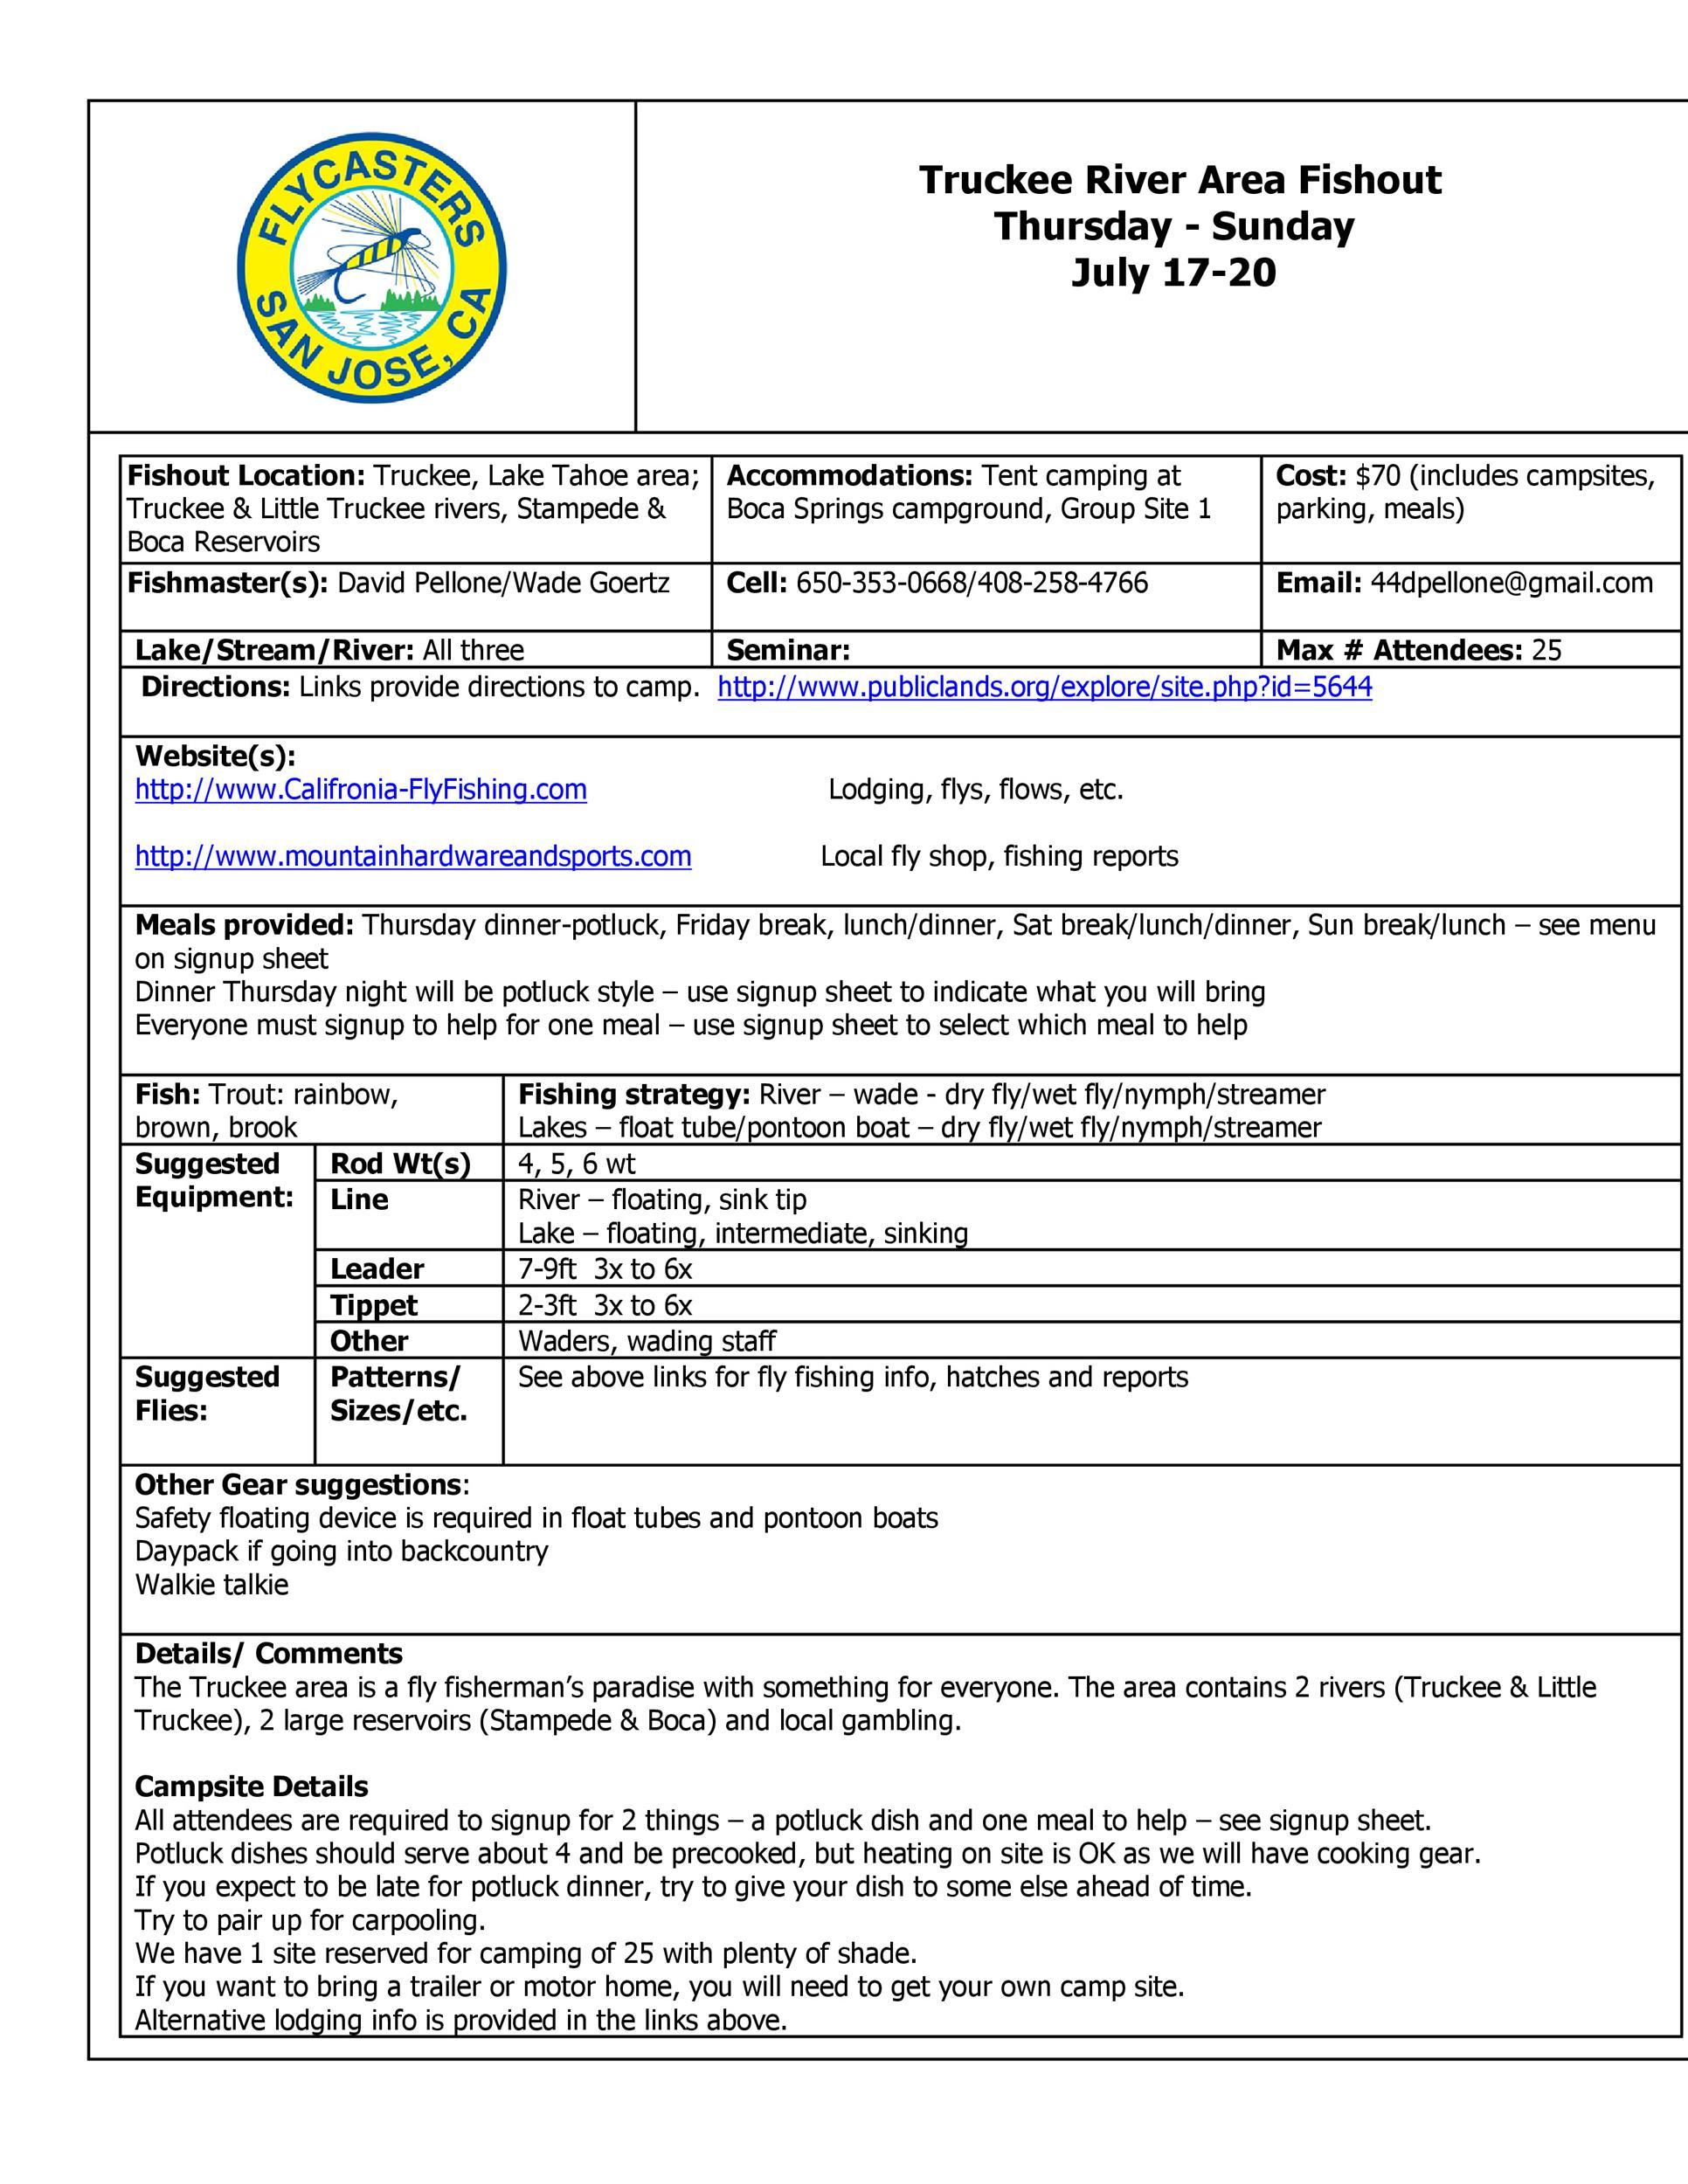 Free potluck sign up sheet 14